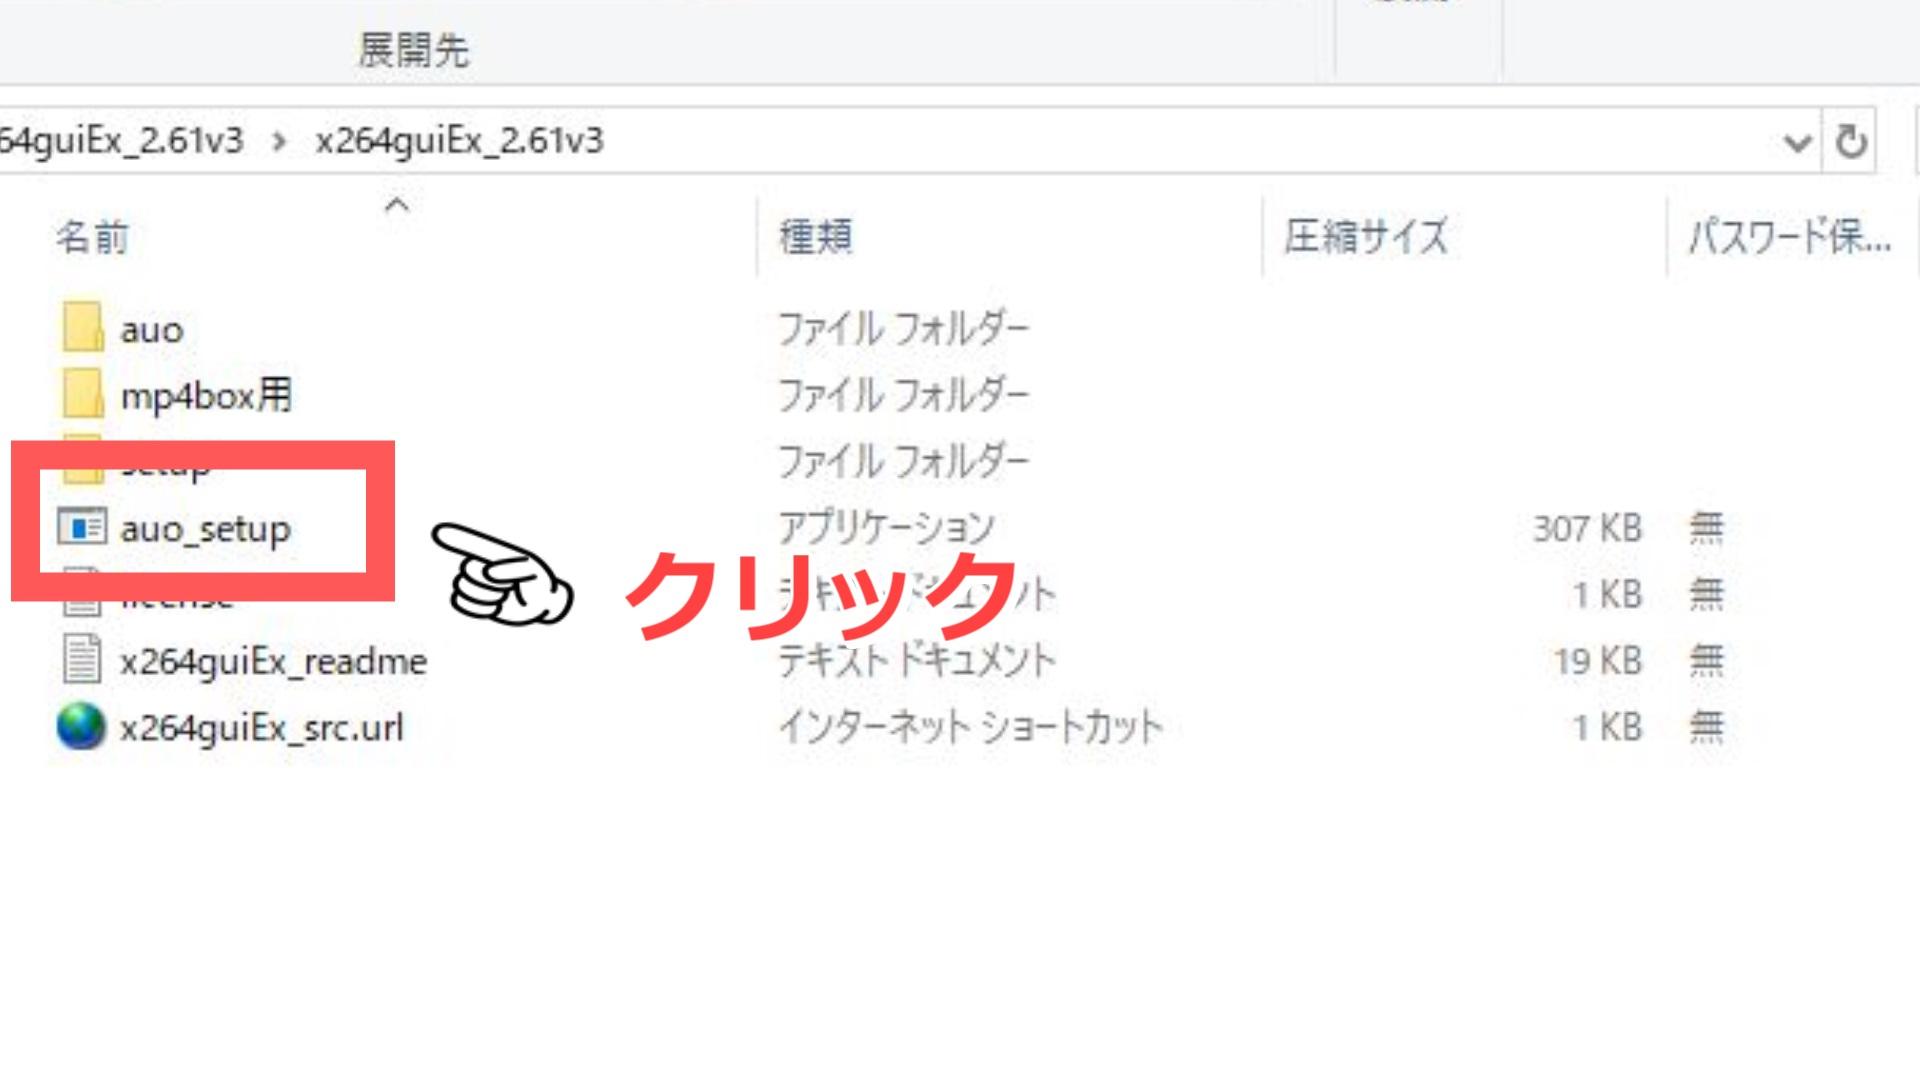 x264guiExのセットアップアイコン